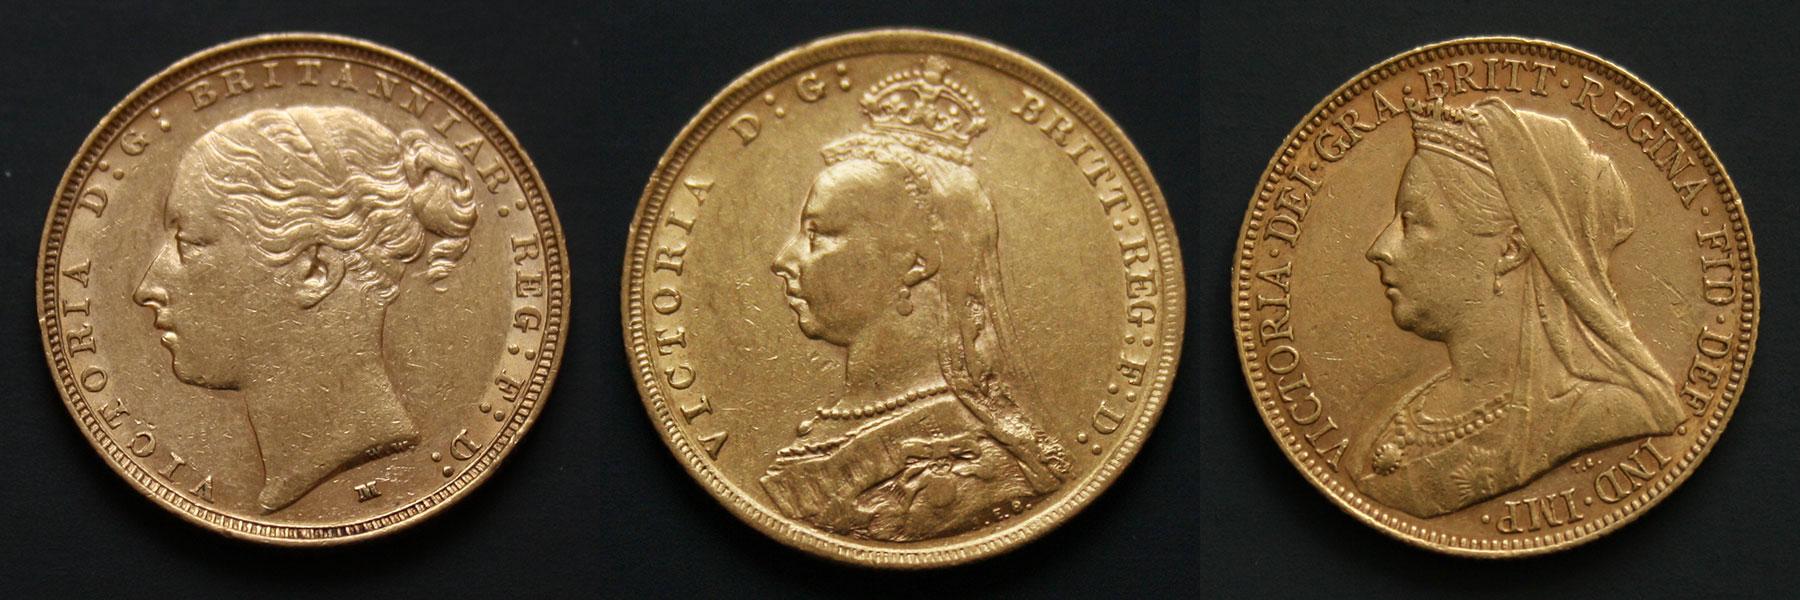 Image de trois portraits de la reine Victoria sur des souverains d'or